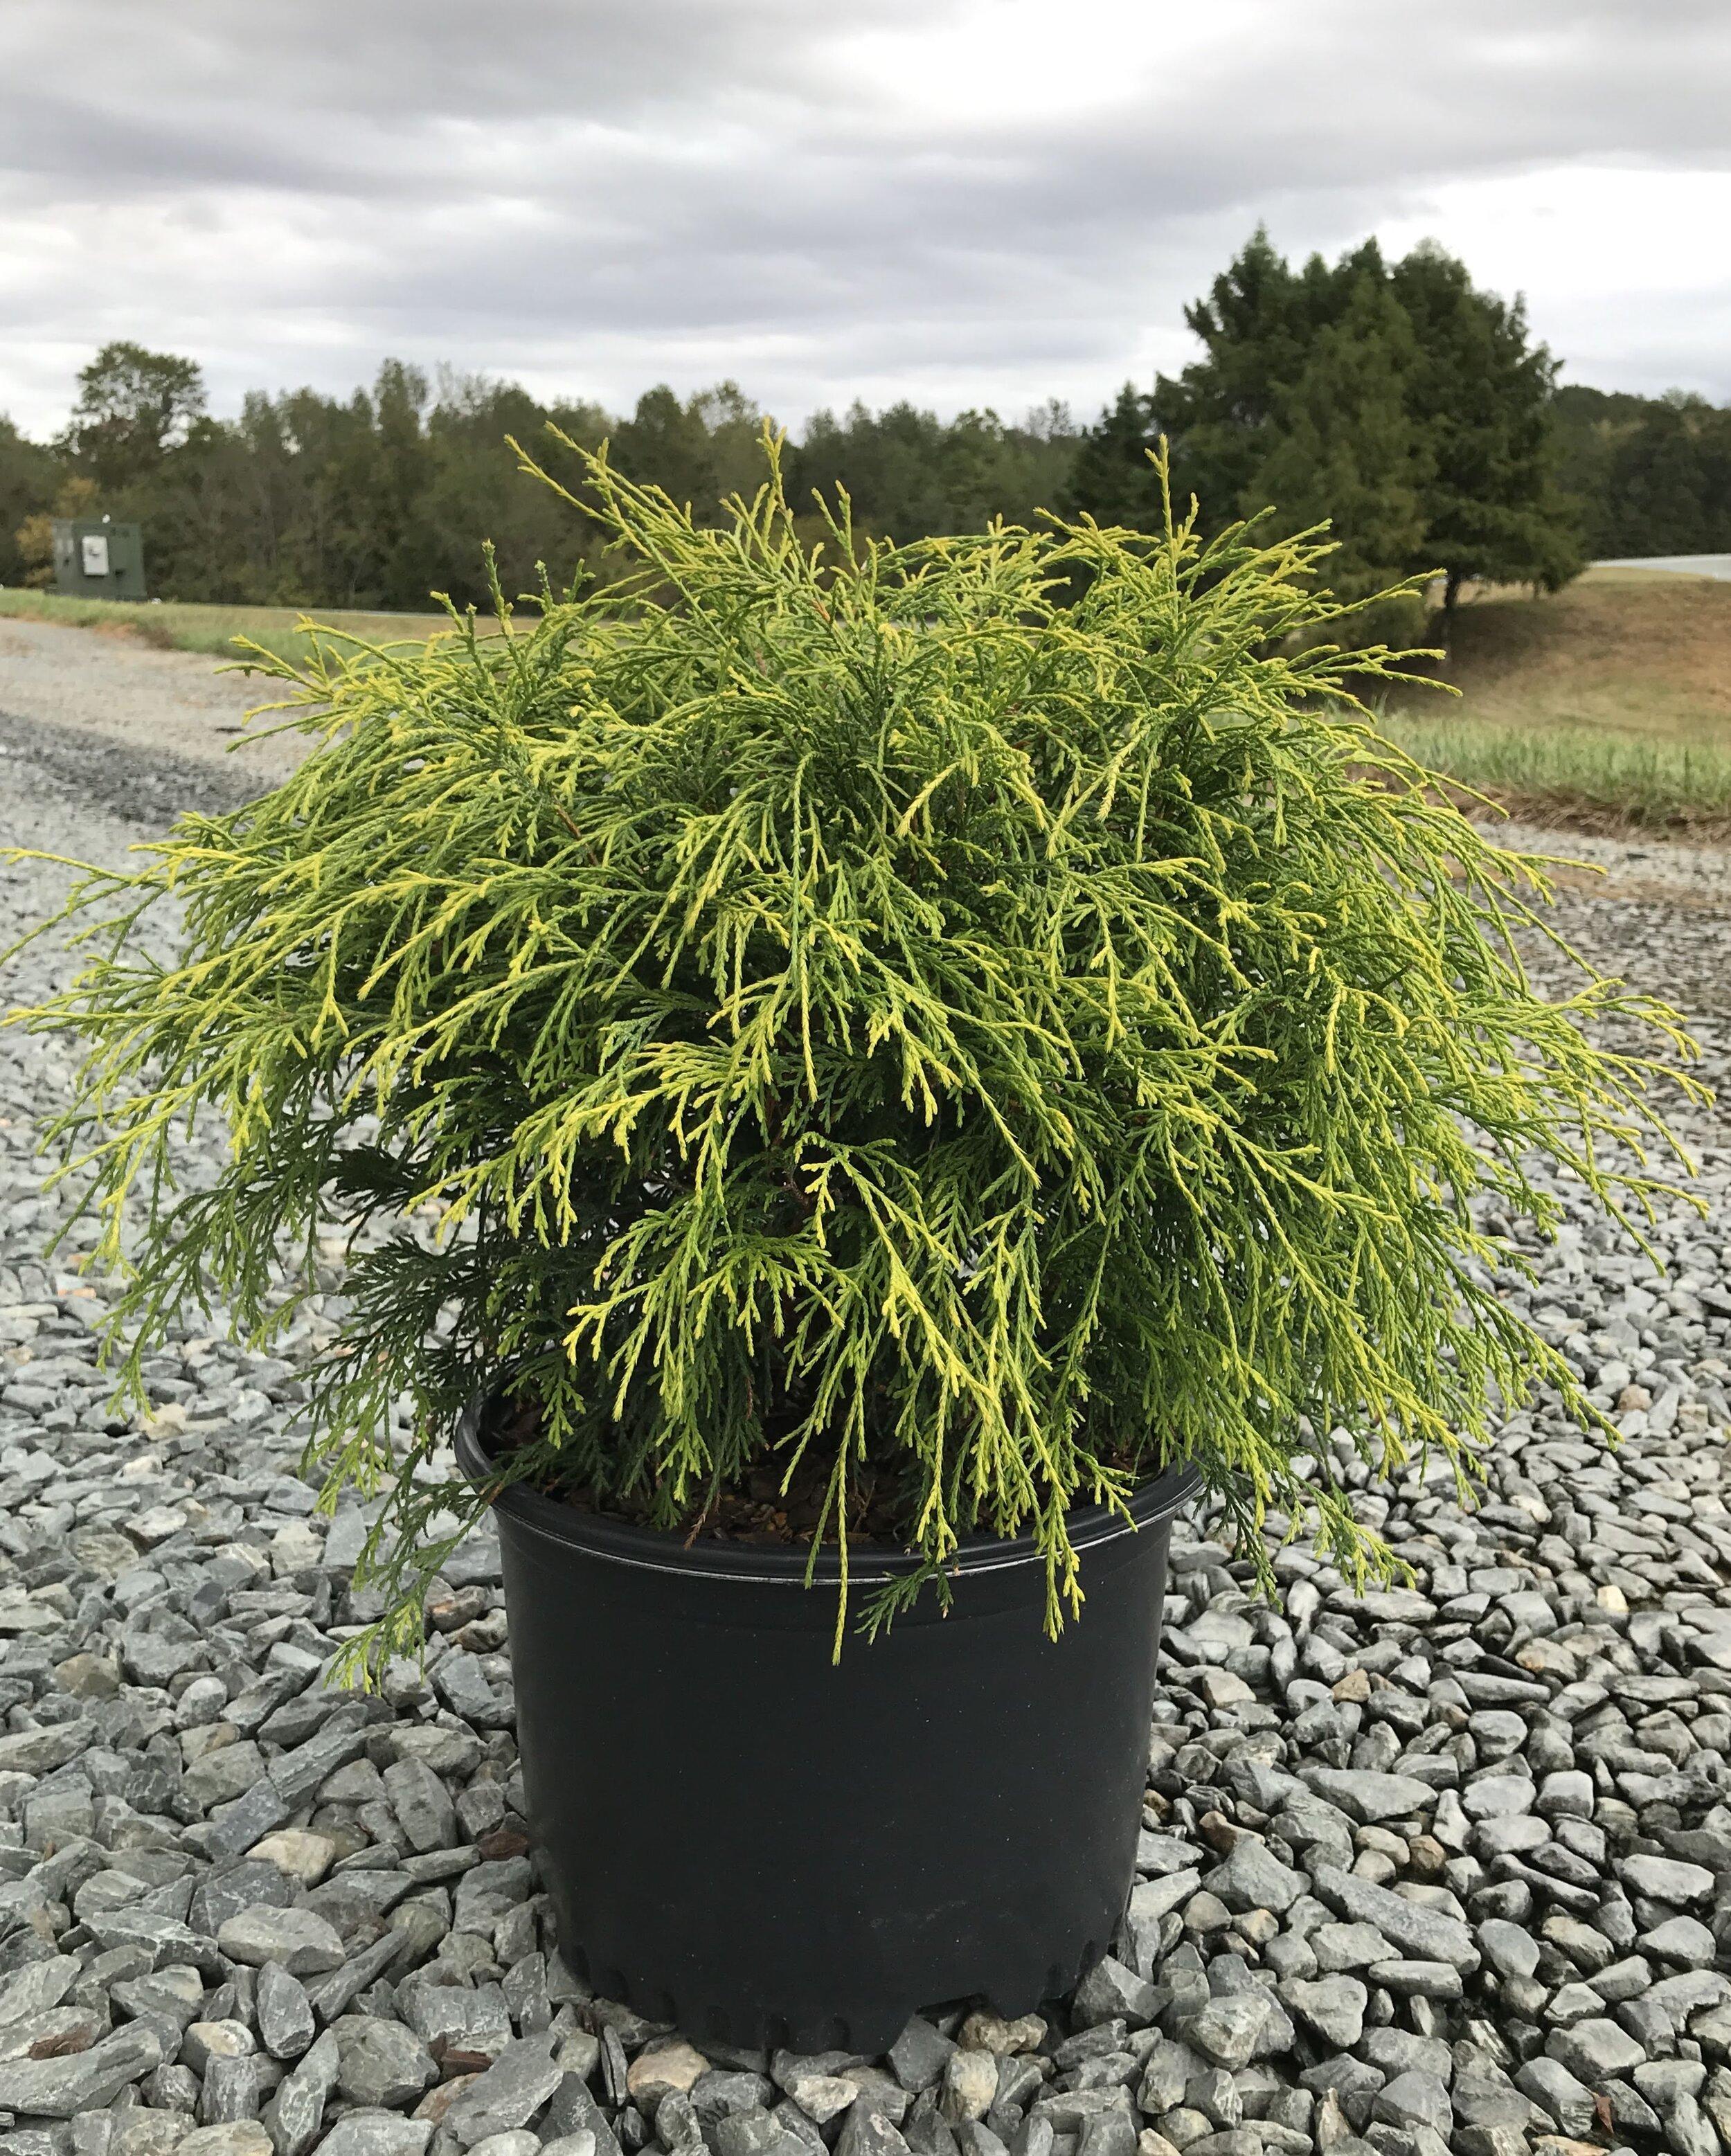 Chamaecyparis pisifera 'Gold Mop' 3 gallon